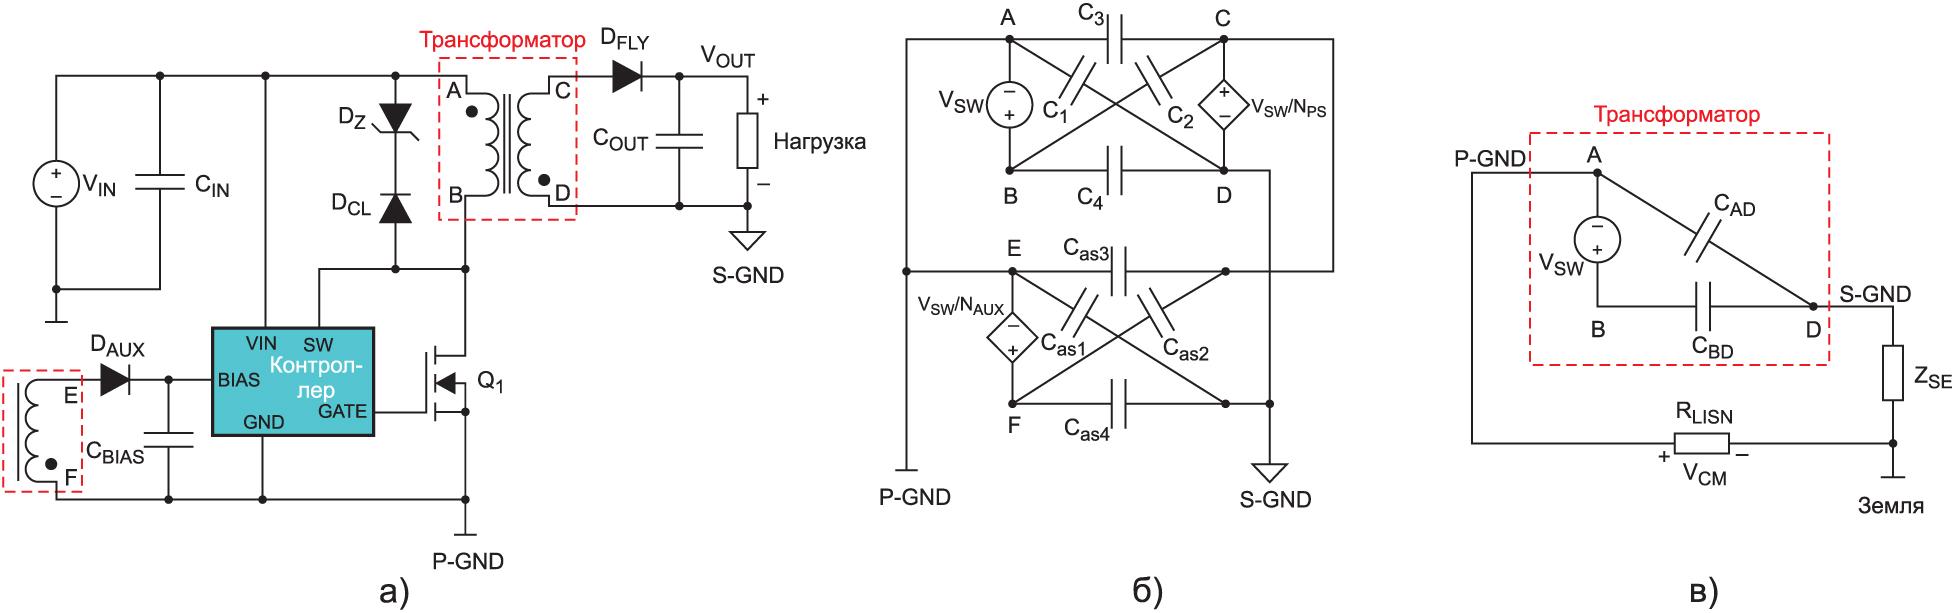 Схема обратноходового преобразователя со вспомогательной обмоткой; схема замещения из четырех конденсаторов; упрощенная эквивалентная схема из двух конденсаторов